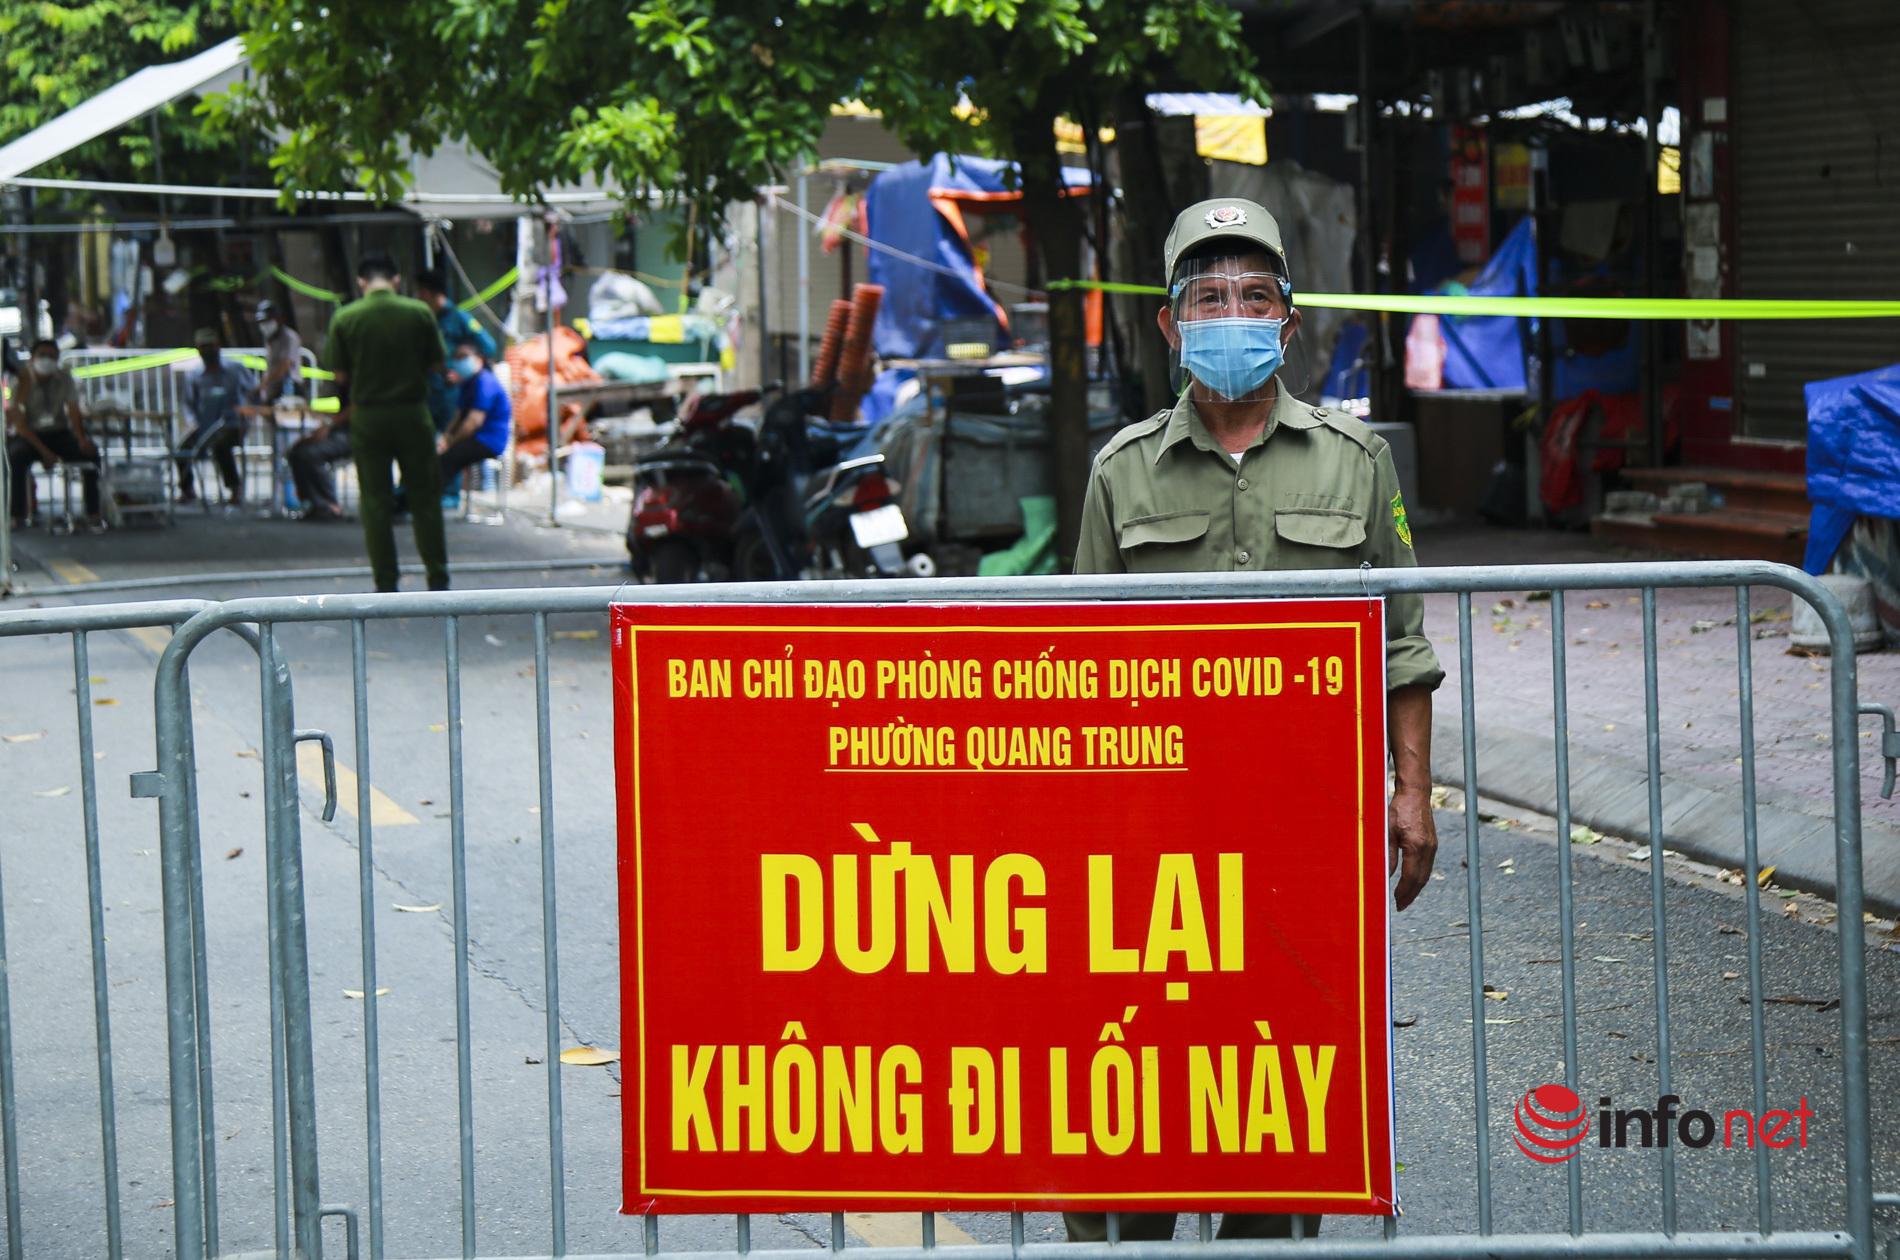 Chợ Hà Đông,phong toả,F0 đi chợ,truy vết,Bà Nguyễn Thị Thu,lấy mẫu xét nghiệm,tiểu thương chợ Hà Đông